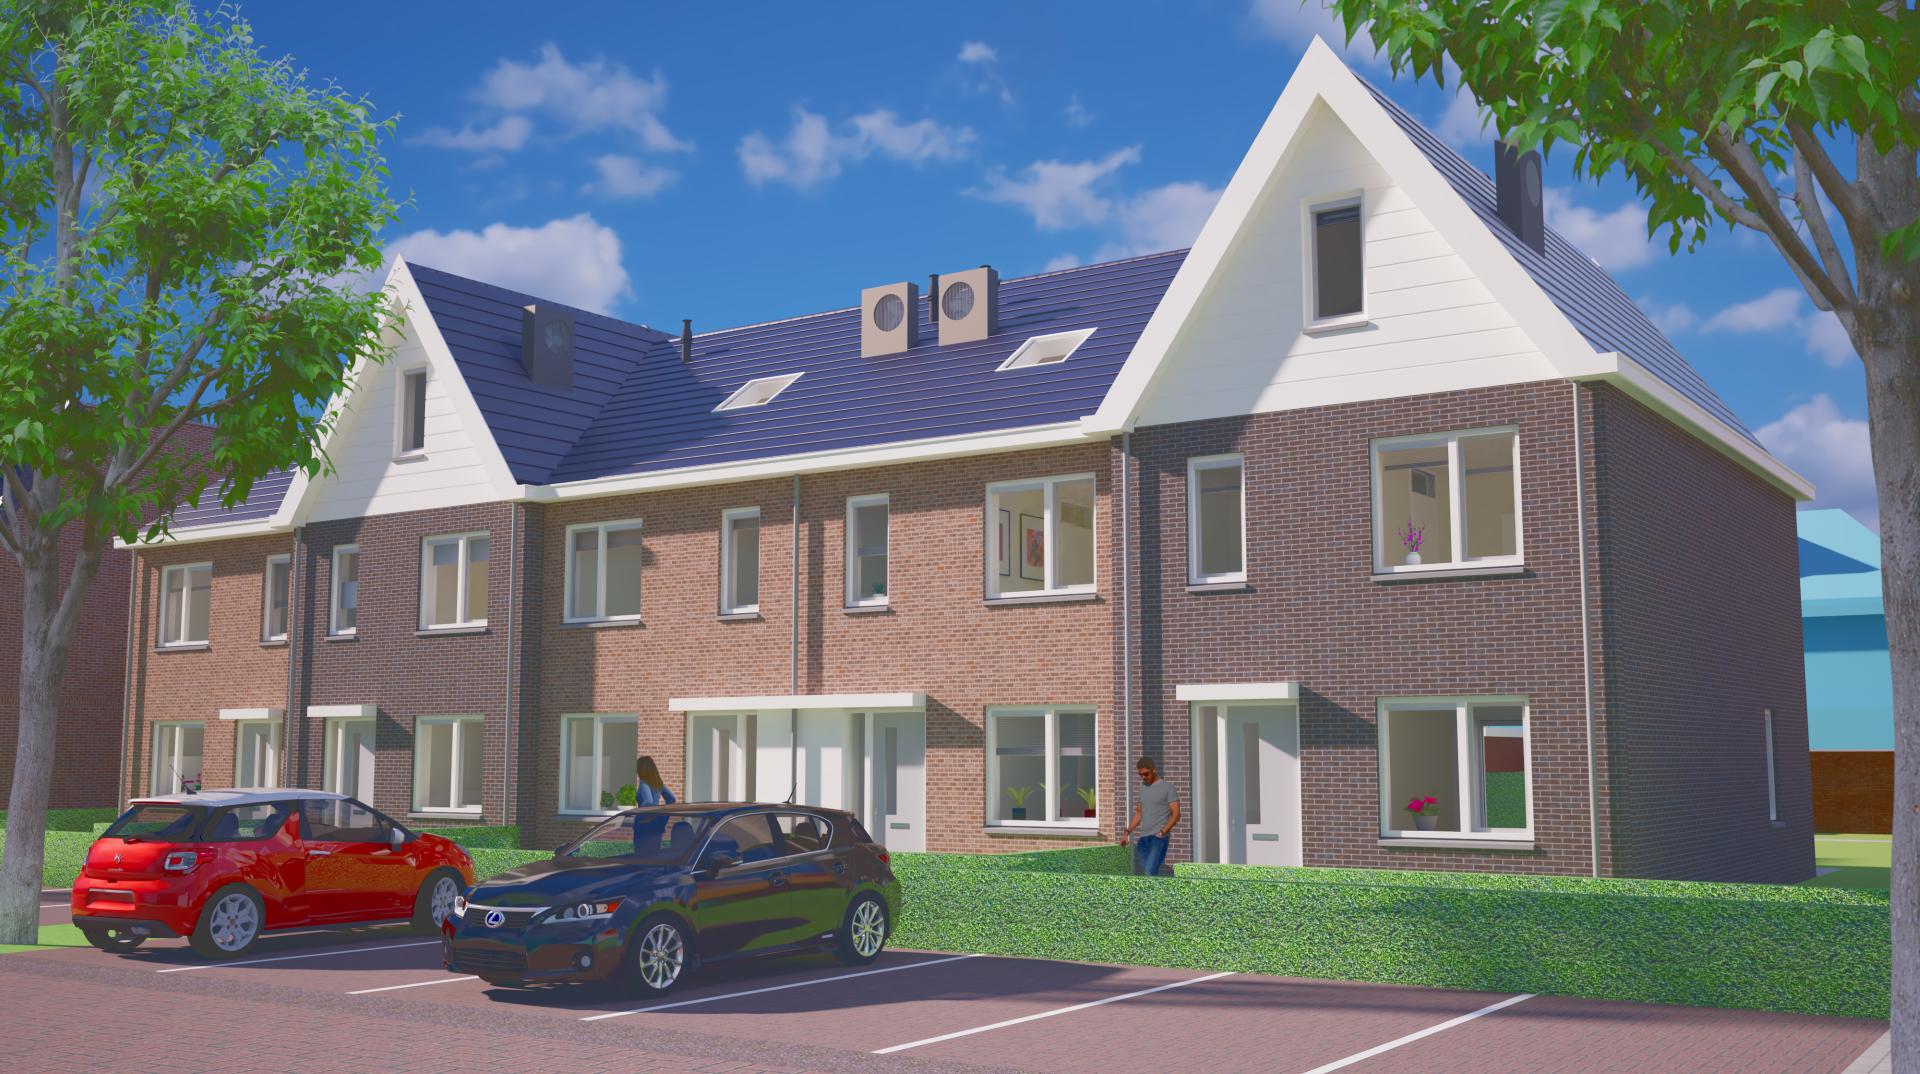 Nieuwbouw 13 woningen te Krimpen a/d Lek